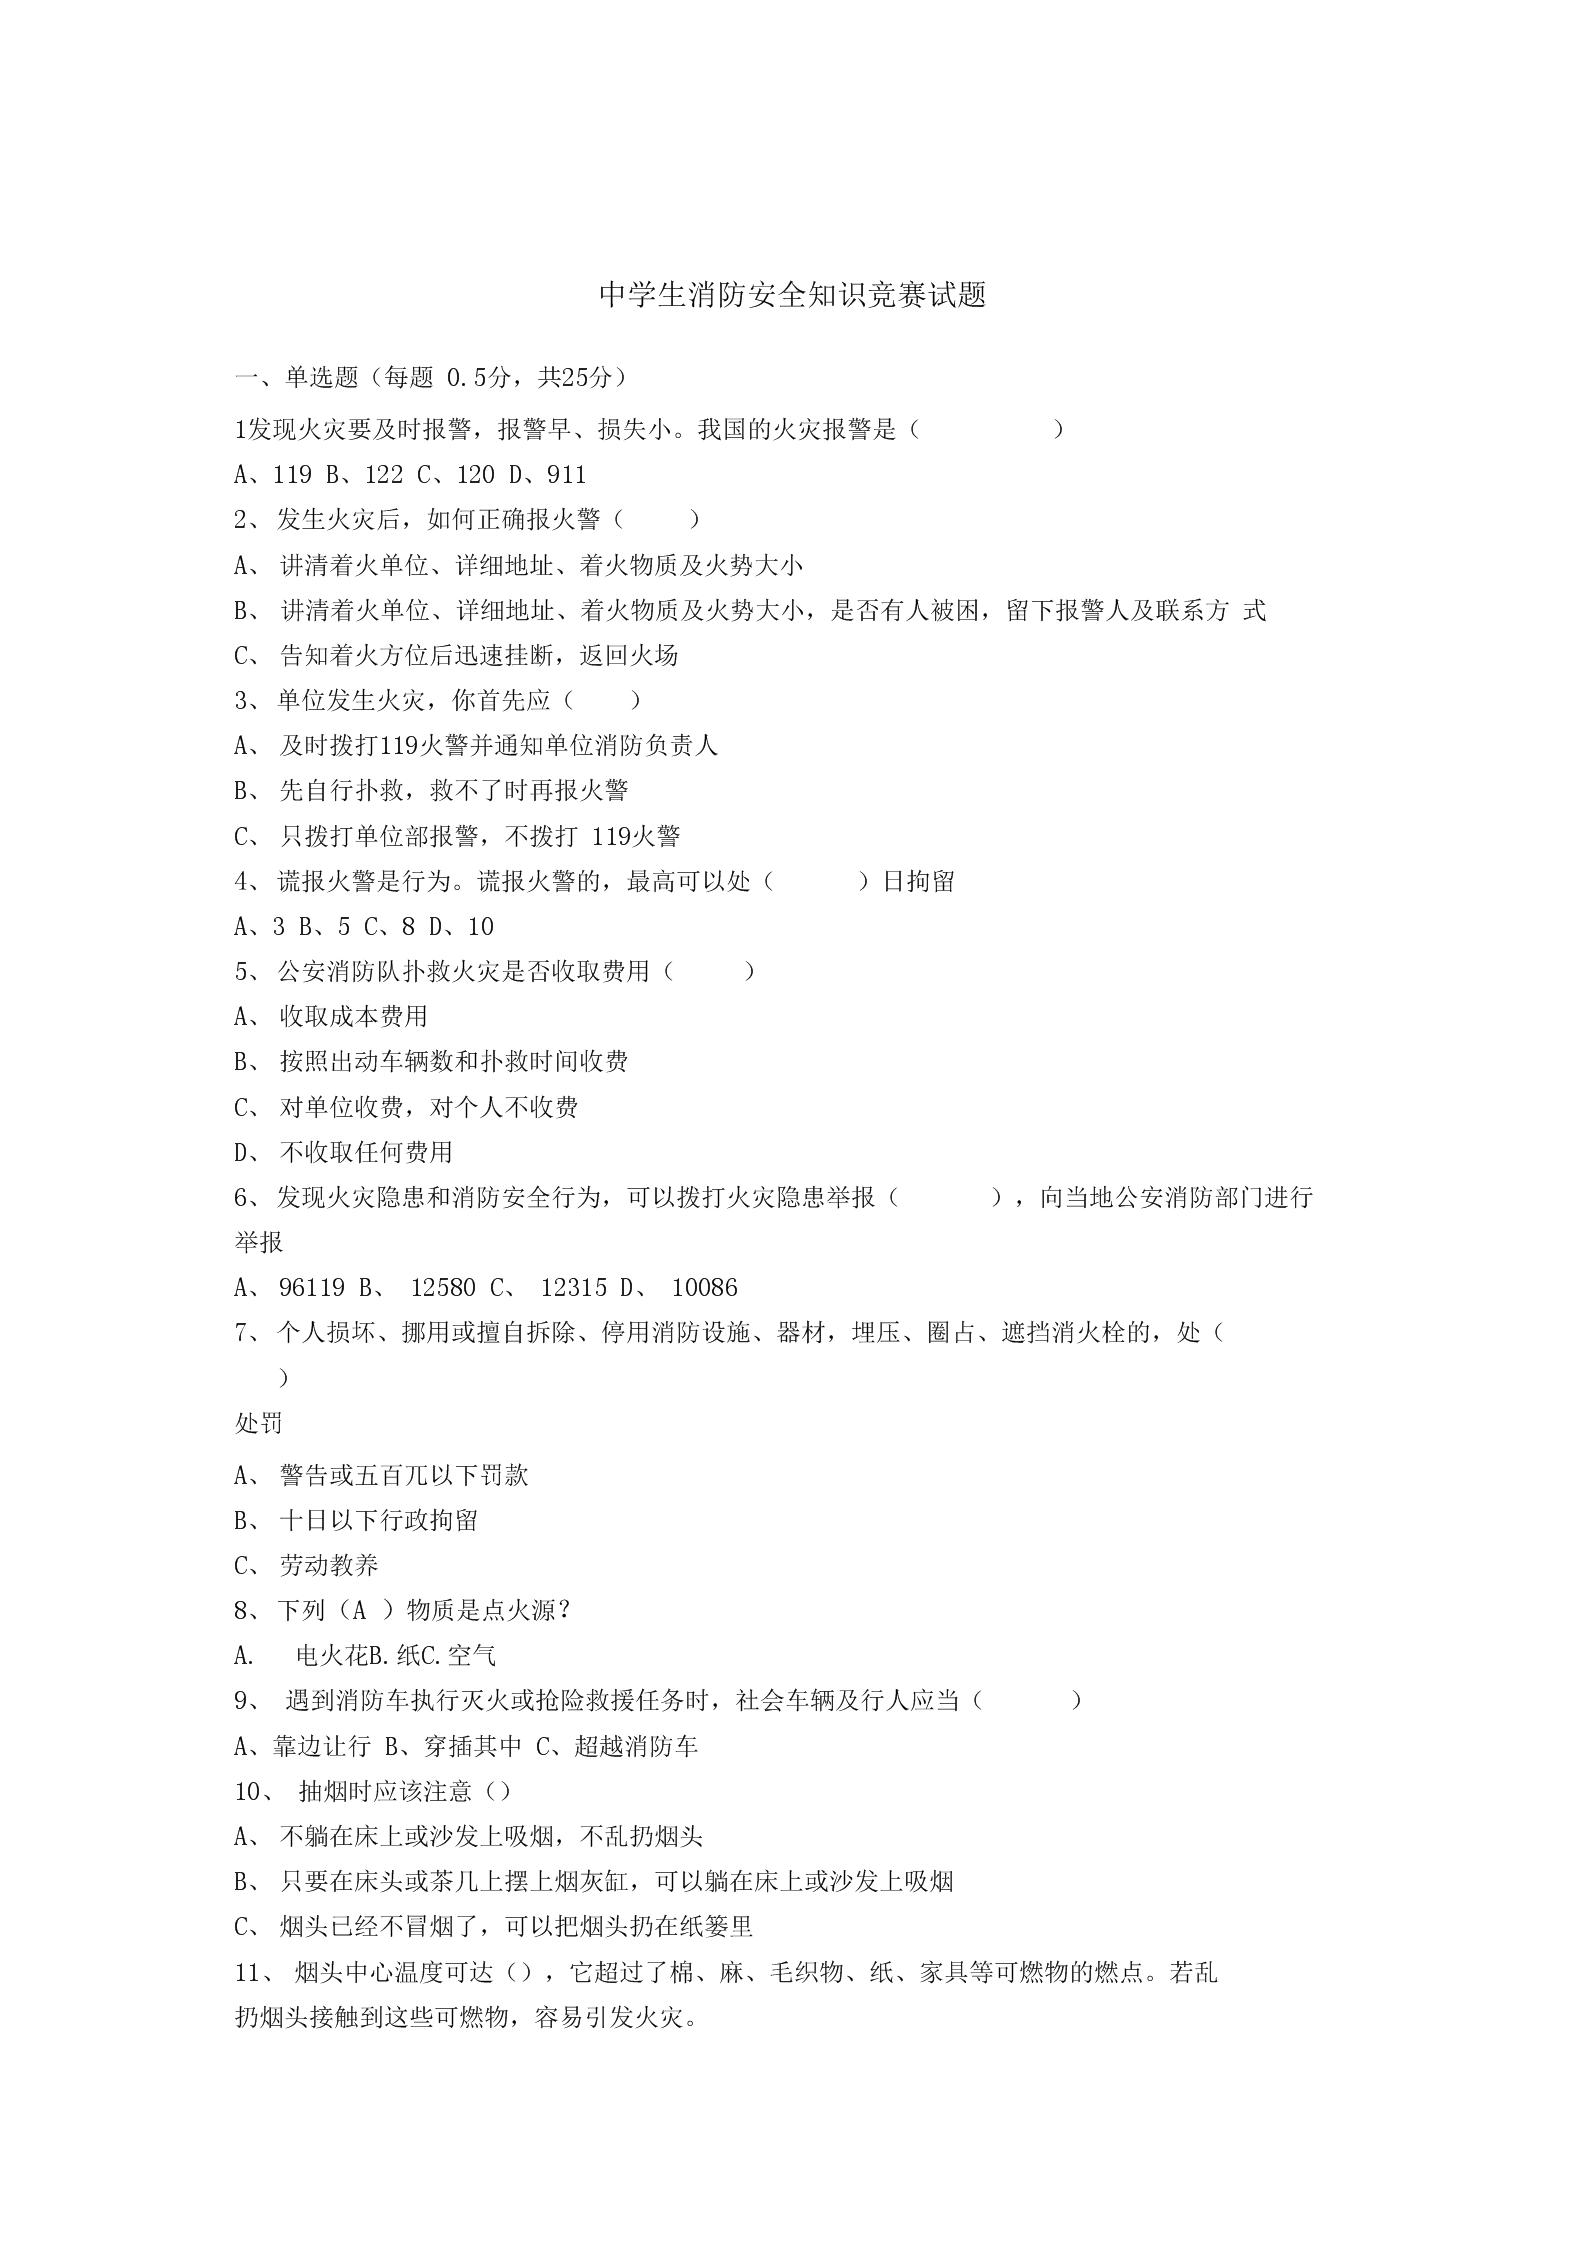 中学生消防安全知识竞赛试题1.docx